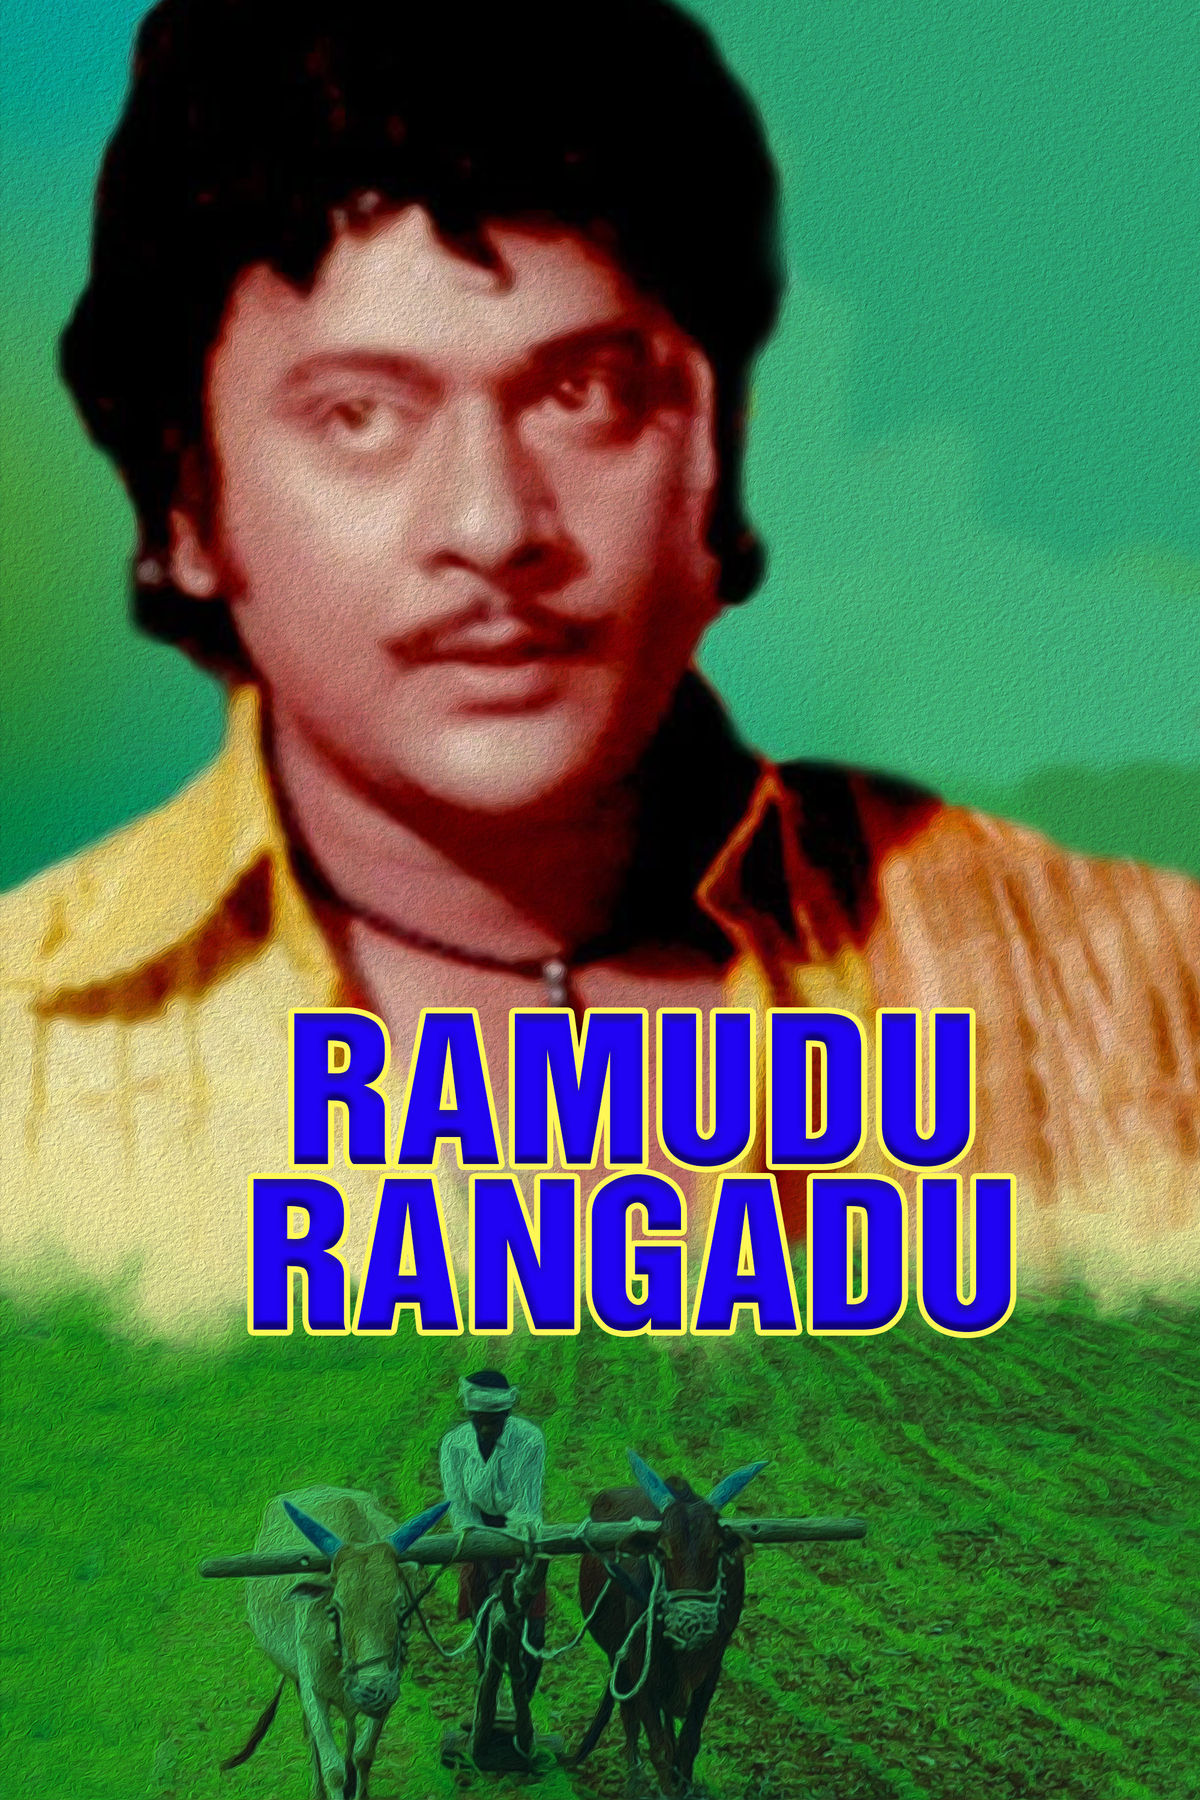 Ramudu Rangadu